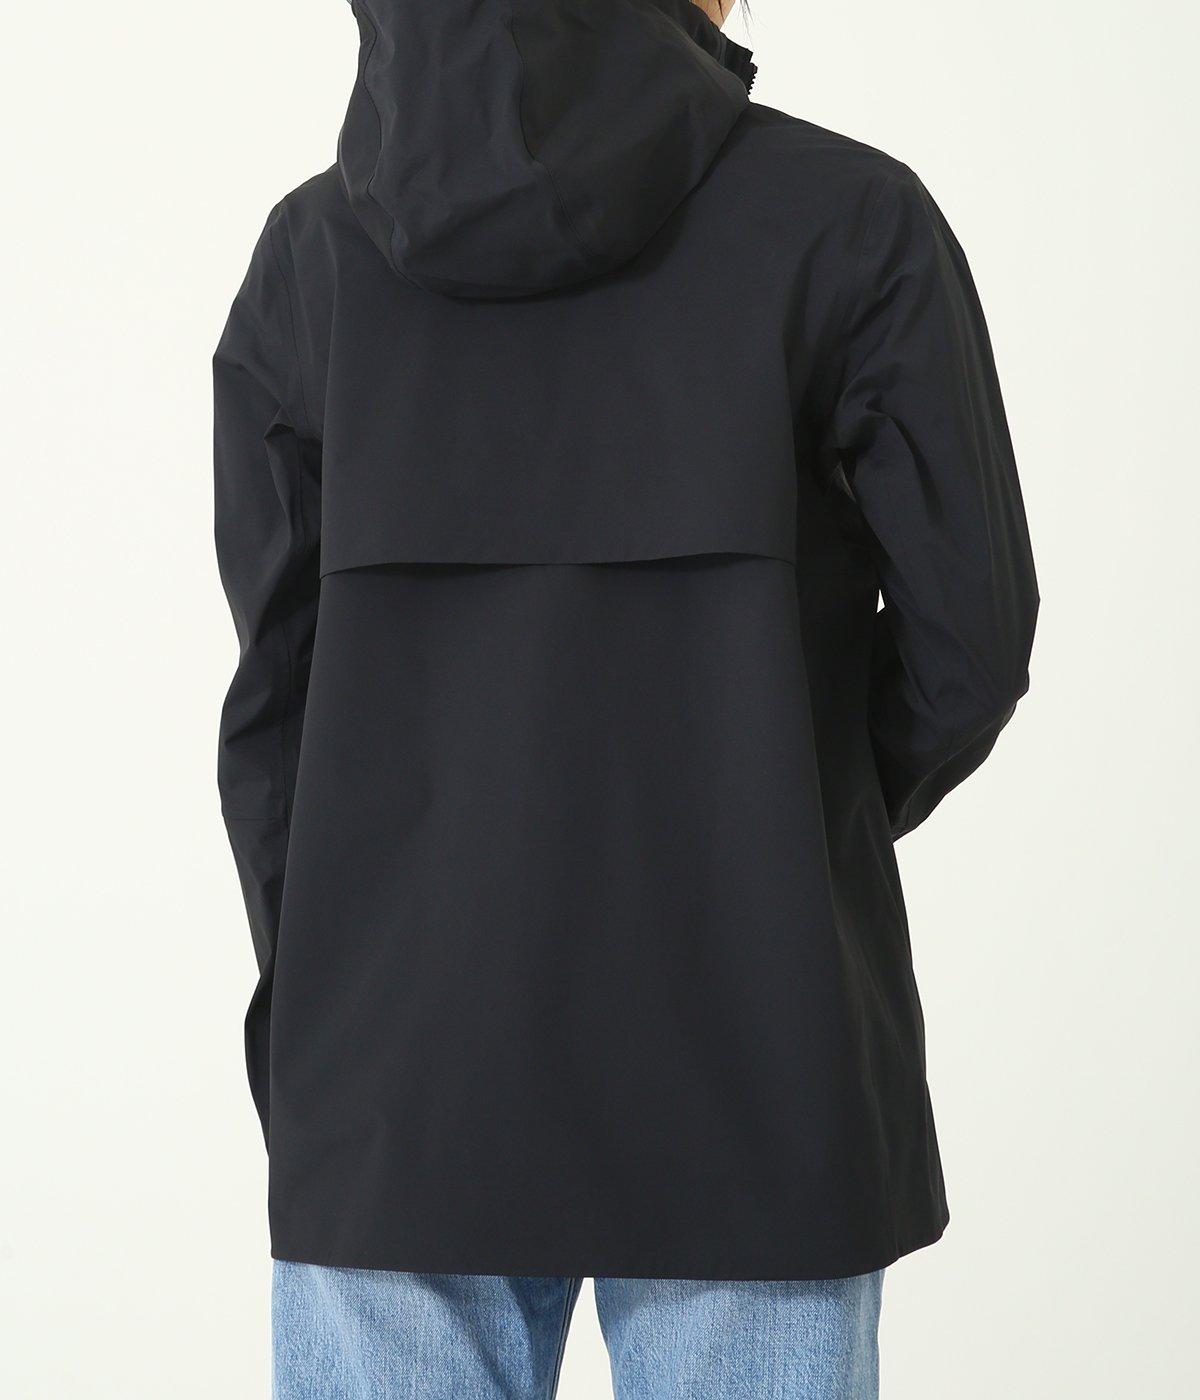 【レディース】<PACIFICA JACKET(パシフィカジャケット)>-ブラック-